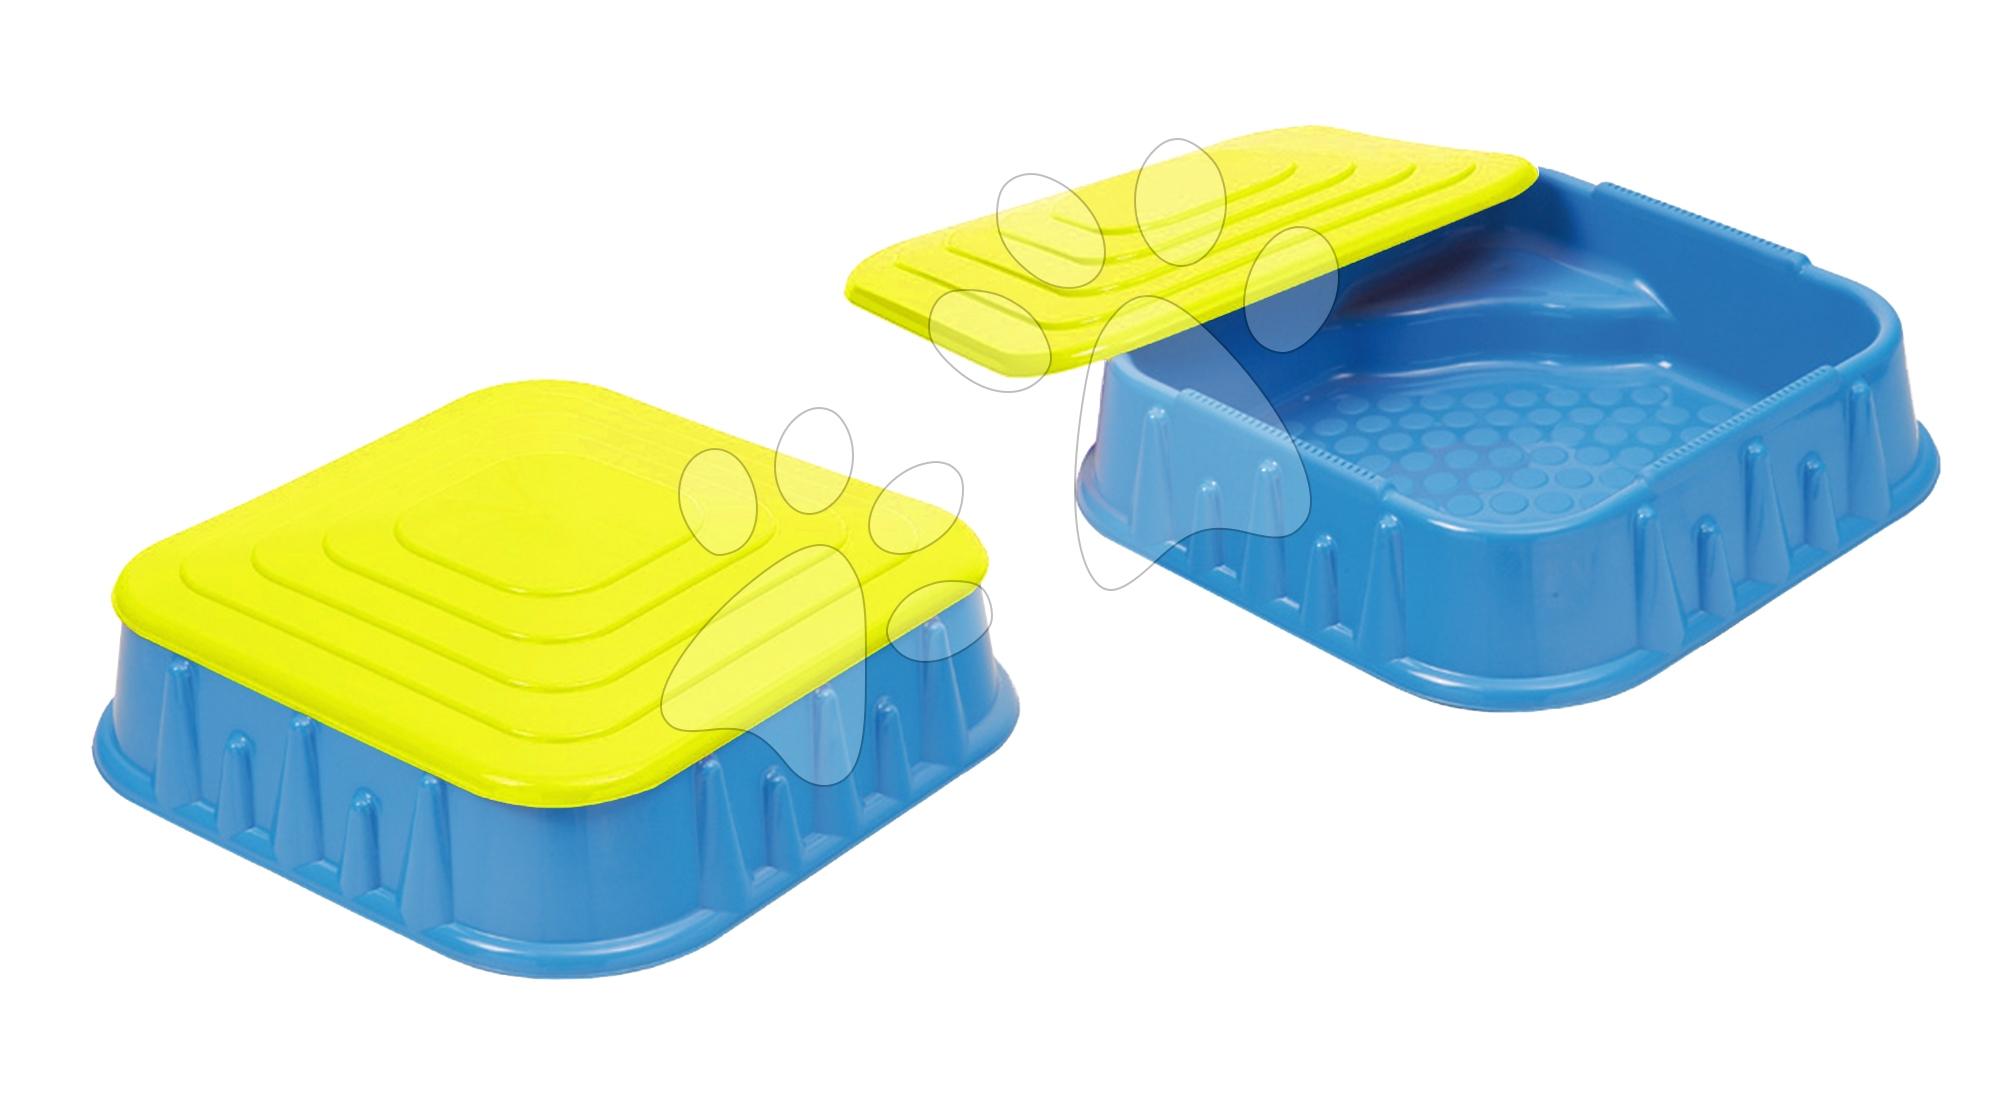 Pískoviště Starplast čtverec s krytem objem 60 litrů modro-žluté od 24 měsíců